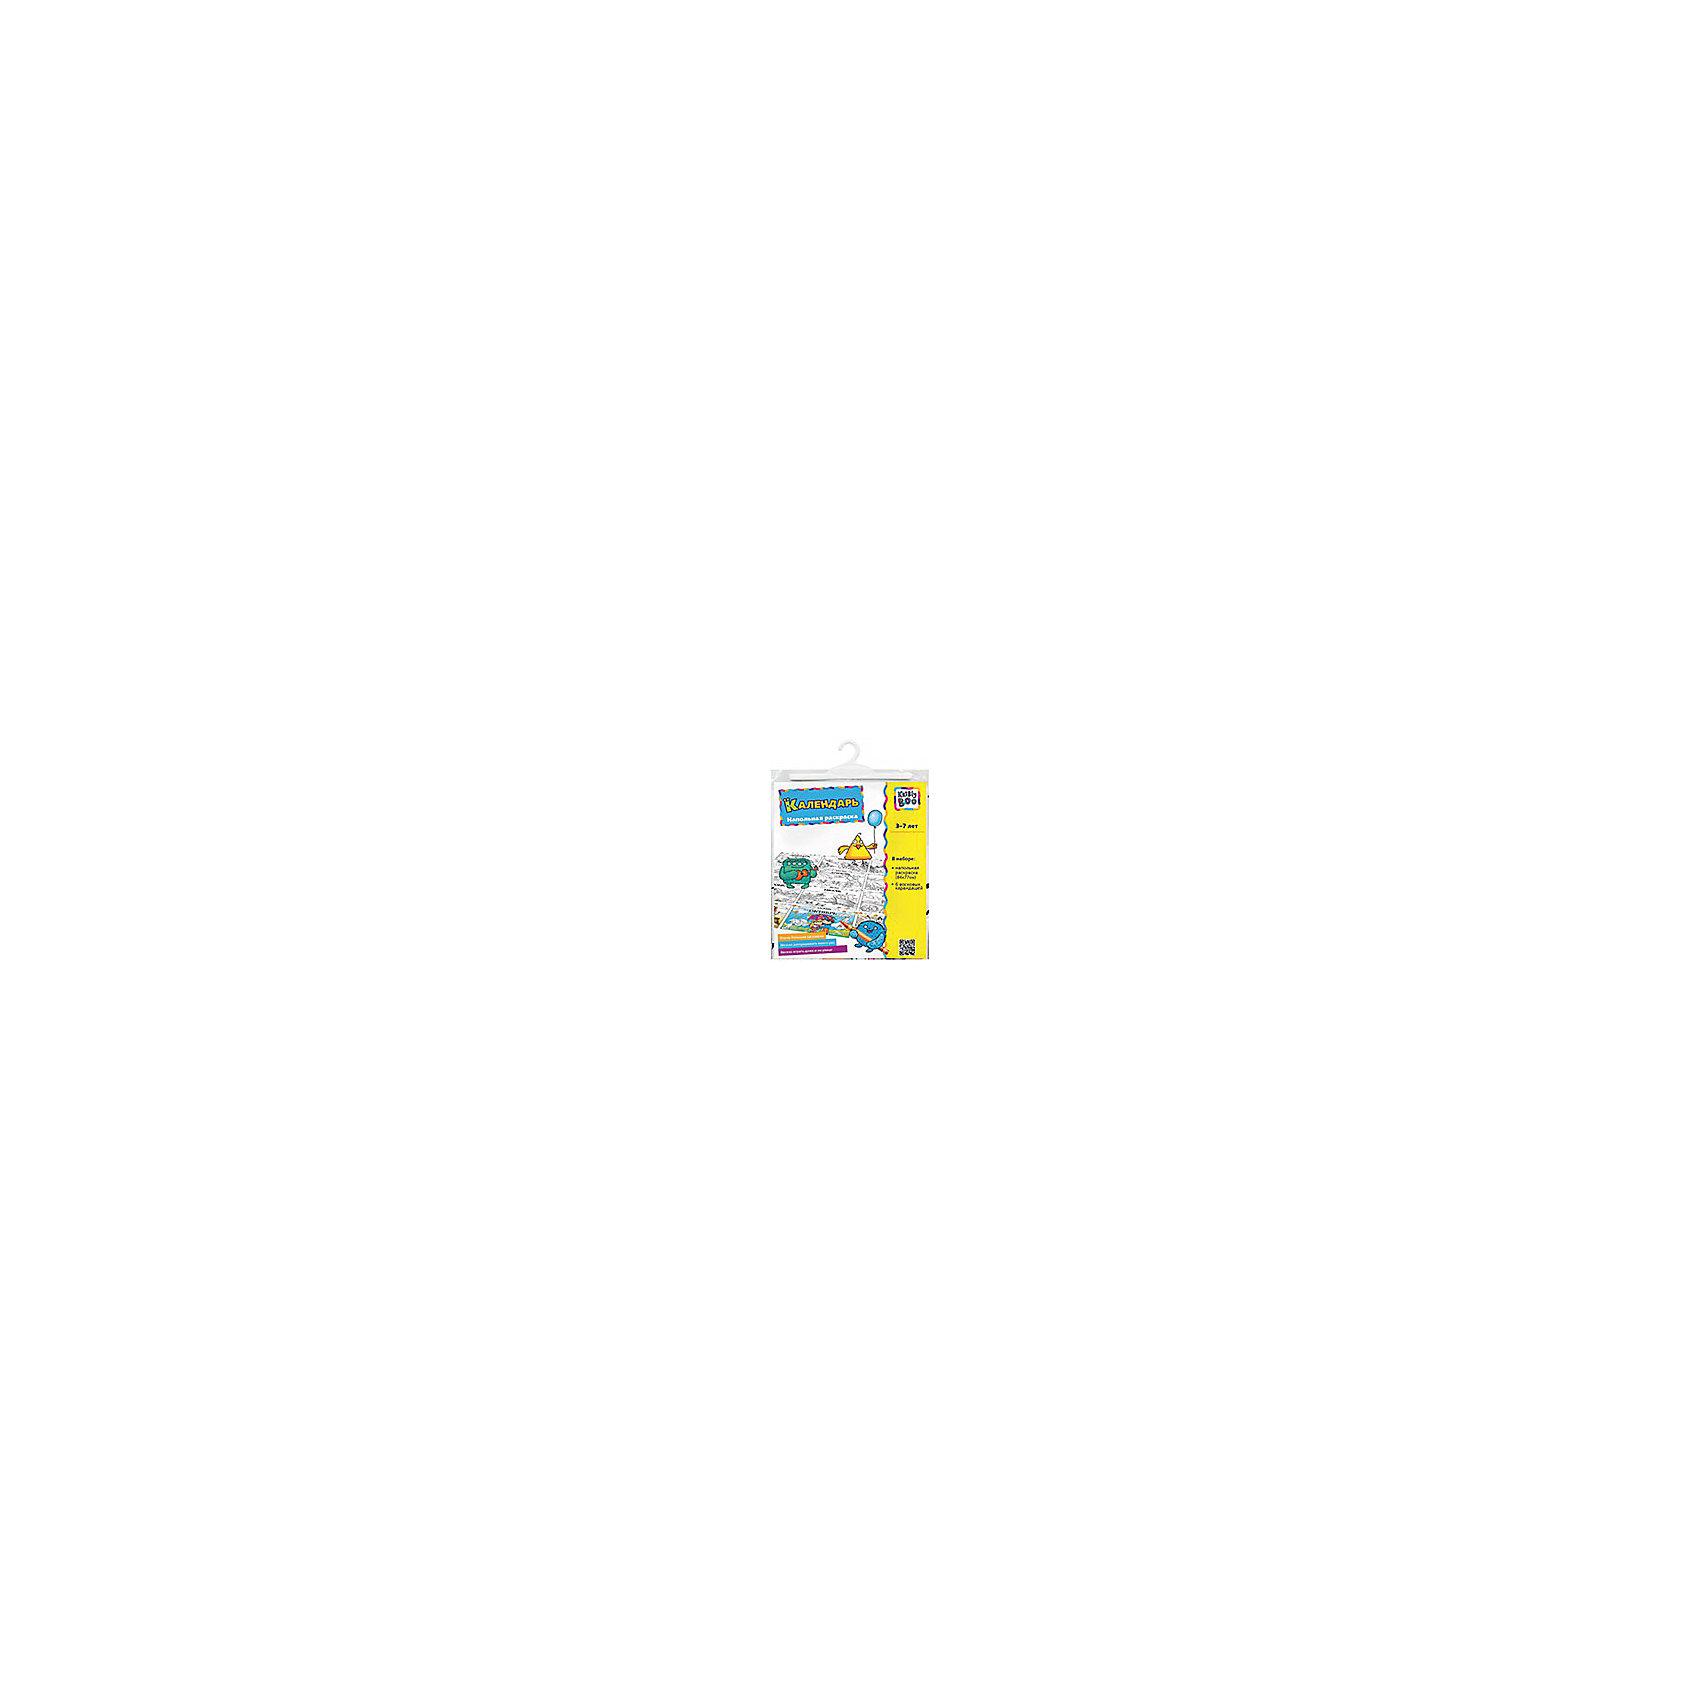 Напольная раскраска КалендарьНапольная раскраска Календарь – это очень большая многоразовая раскраска.<br>Большая напольная раскраска Календарь обязательно понравится вашему юному художнику! Лист раскраски поделен на квадратики, на каждом написаны время года и месяц, и нарисована черно-белая картинка для каждого месяца. Благодаря этой раскраске ваш малыш познакомится со временами года, выучит названия месяцев, их последовательность, узнает о характерных особенностях каждого месяца и, конечно же, получит море удовольствия. Расстелив ее на полу, ребенок будет рисовать на ней, и играть, как на коврике. Раскраска изготовлена из плотного полиэтилена, поэтому картинки можно раскрашивать, смывать водой и раскрашивать заново! Раскраска развивает моторику рук, воображение, образное мышление и творческие способности. Раскрашивая черно-белые картинки, ребенок научится передавать цветовую гамму с помощью карандашей или красок и обретет навыки рисования.<br><br>Дополнительная информация:<br><br>- В наборе: напольная раскраска (83х71 см), 6 восковых карандашей<br>- Длина карандаша: 9 см.<br>- Материал: полиэтилен<br>- Издательство: KriBly Boo<br>- Серия: Раскраска напольная<br>- Размер упаковки: 247x213x5 мм.<br>- Вес: 96 гр.<br><br>Напольную раскраску Календарь можно купить в нашем интернет-магазине.<br><br>Ширина мм: 213<br>Глубина мм: 247<br>Высота мм: 5<br>Вес г: 96<br>Возраст от месяцев: 36<br>Возраст до месяцев: 72<br>Пол: Унисекс<br>Возраст: Детский<br>SKU: 4319556